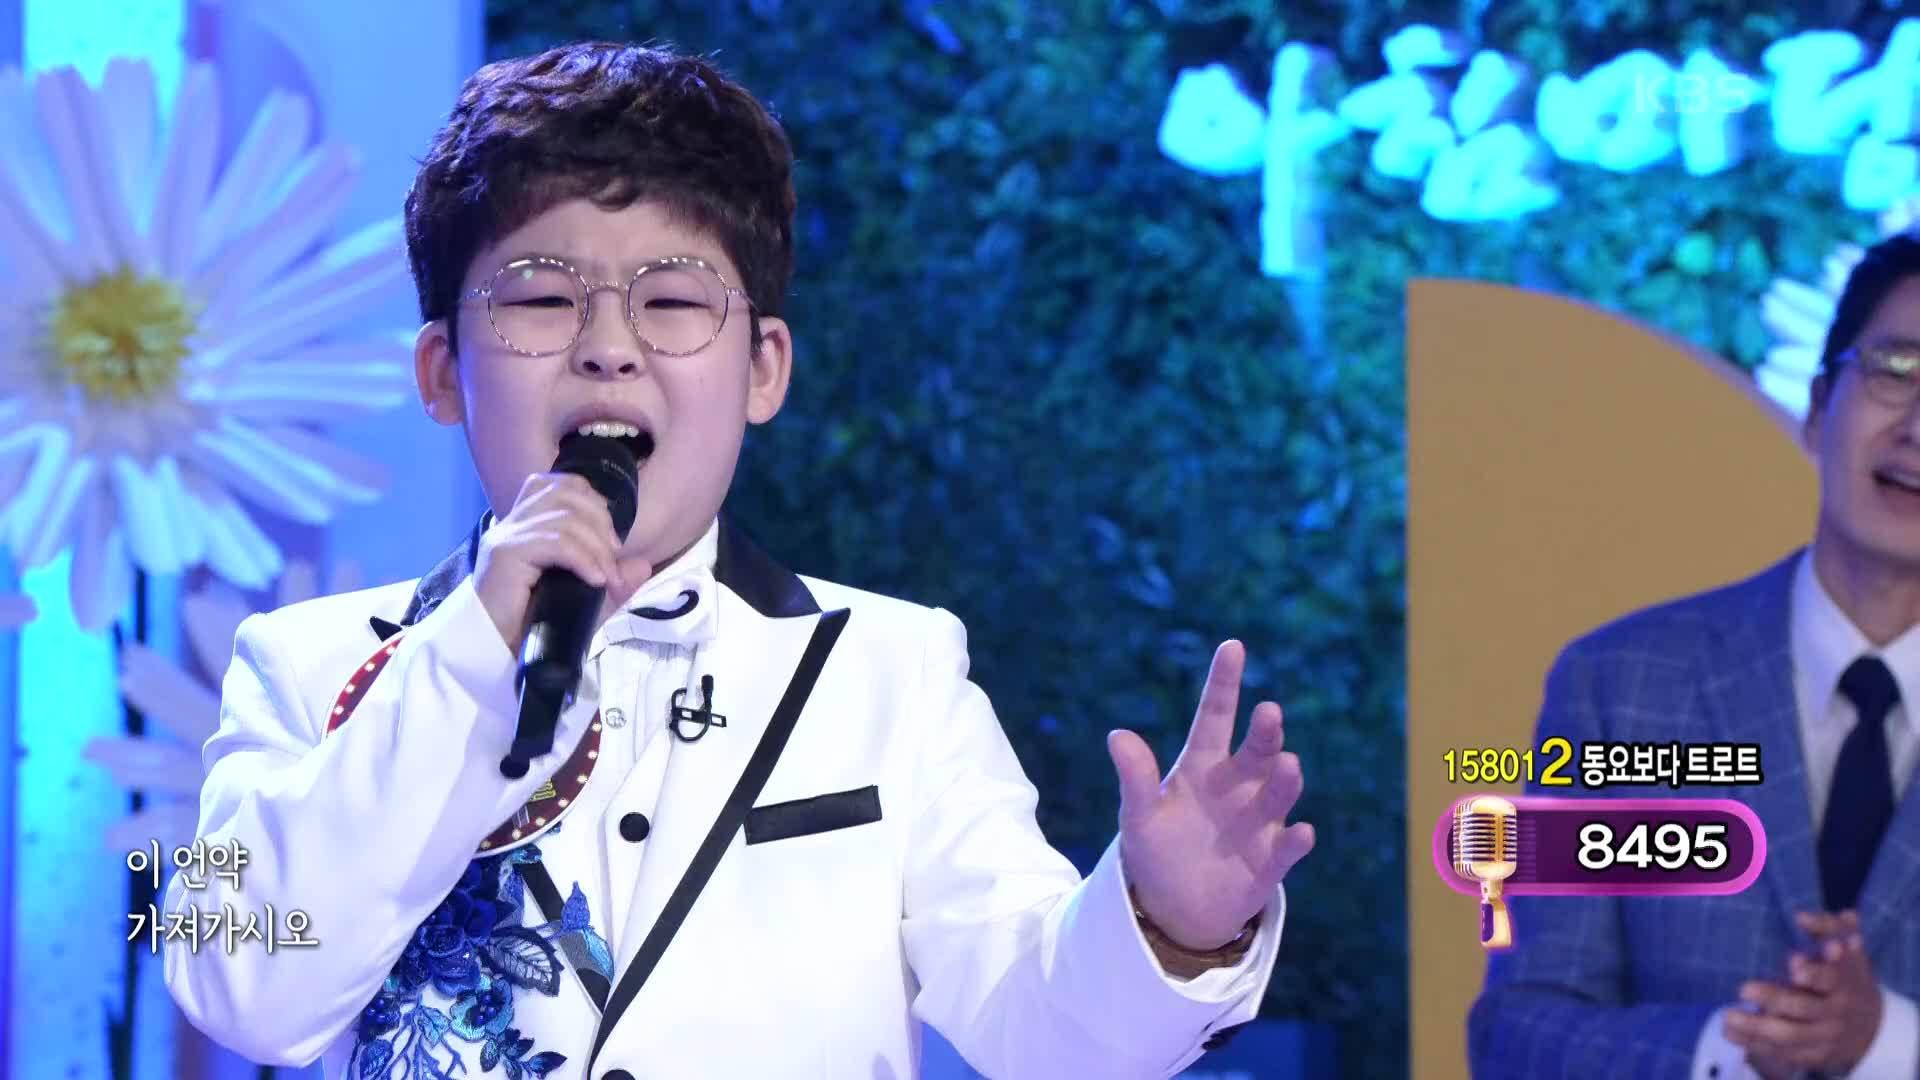 3승 출신! 동요보다 트로트를 사랑하는 권도훈 군의 '그 강을 건너지 마오' | KBS 210623 방송